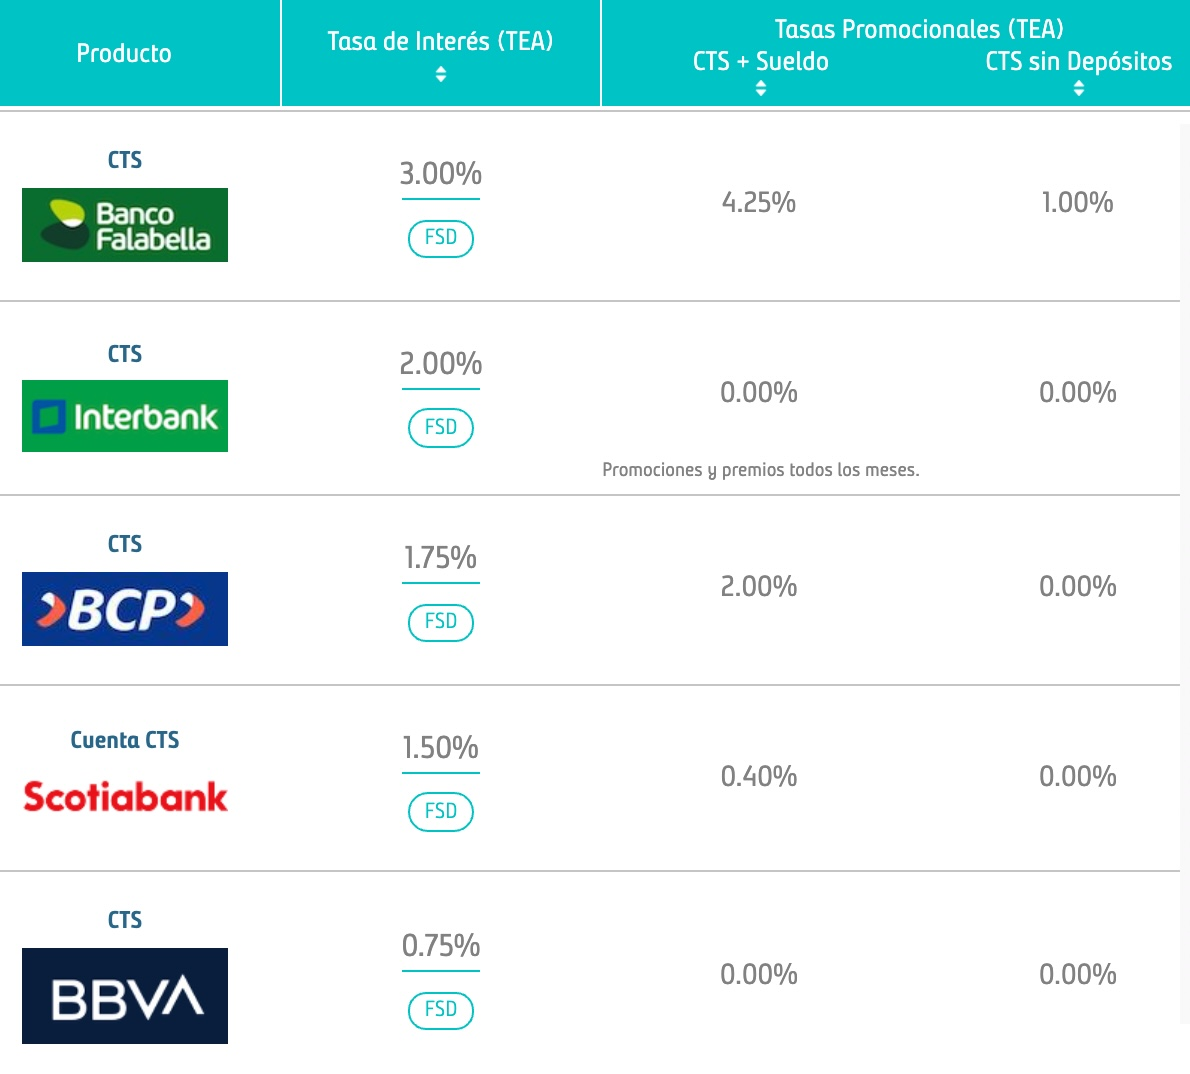 Bancos que pagan MENOR interes CTS 2021